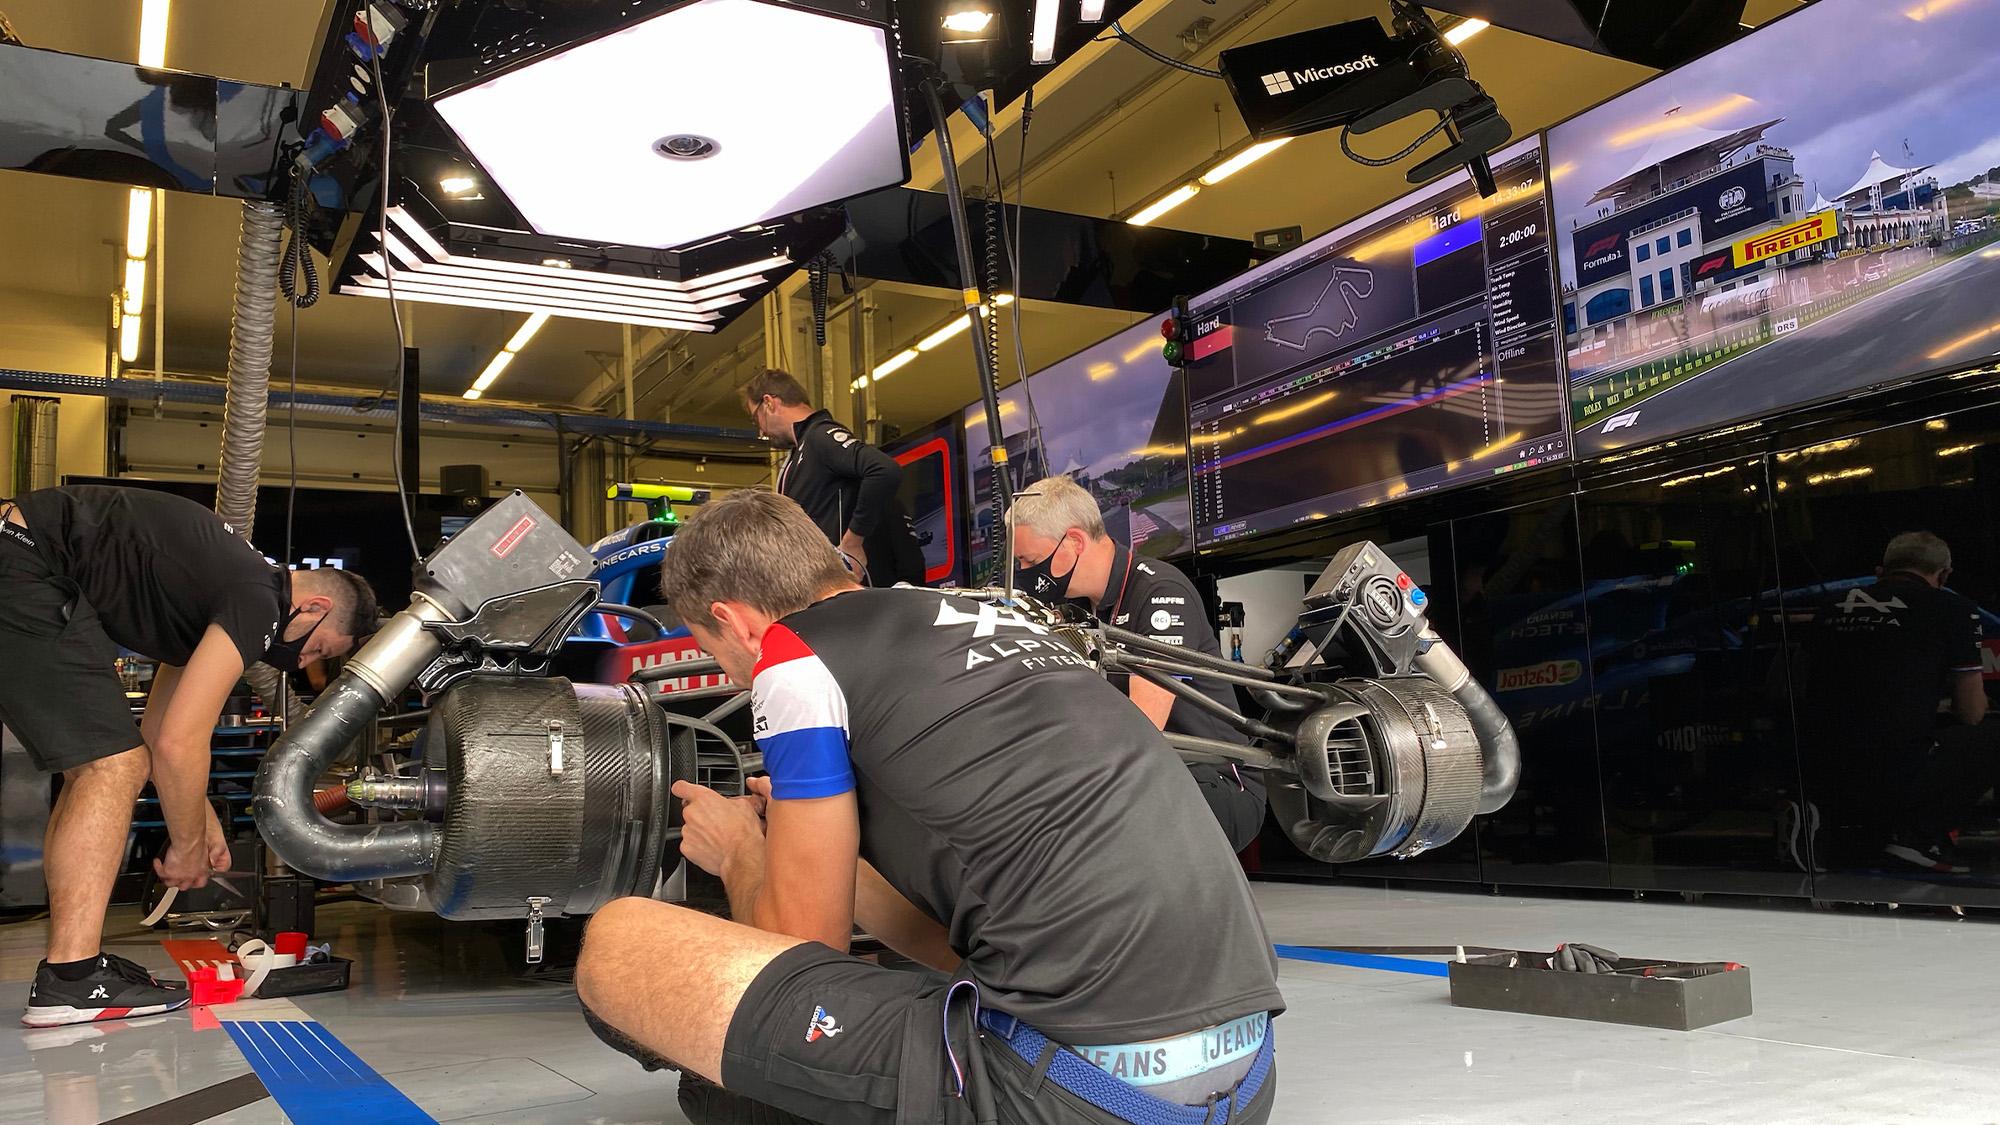 Alpine F1 mechanics at work in the garage